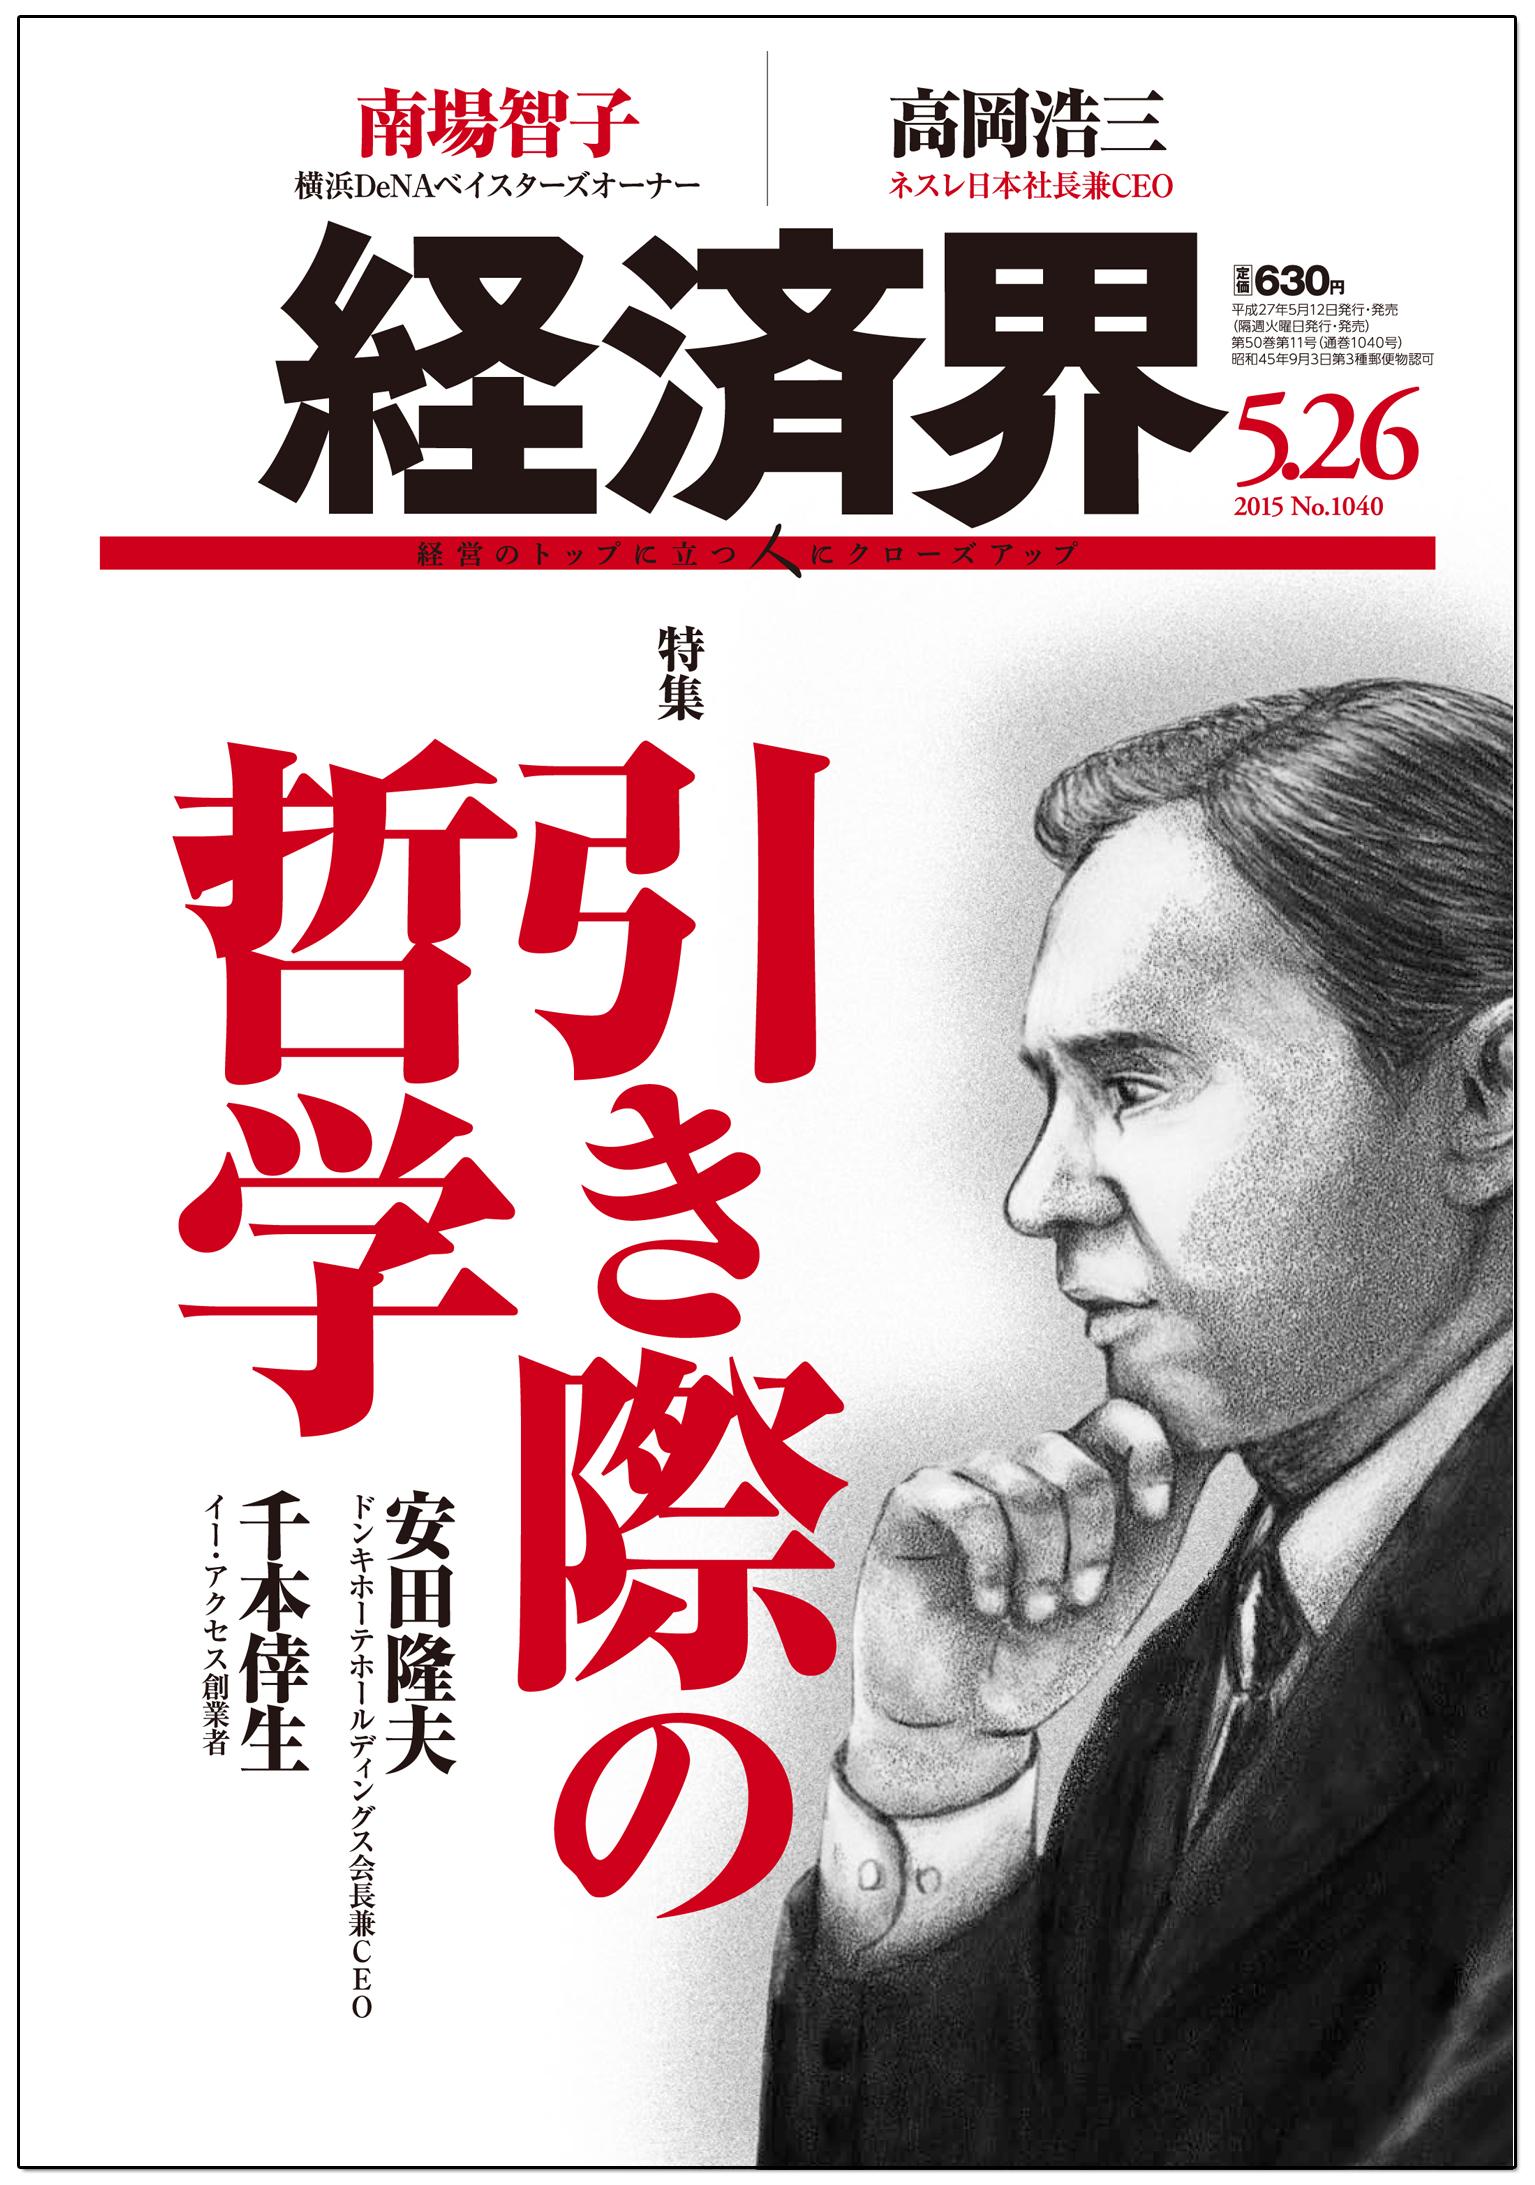 Magazine's Frontcover